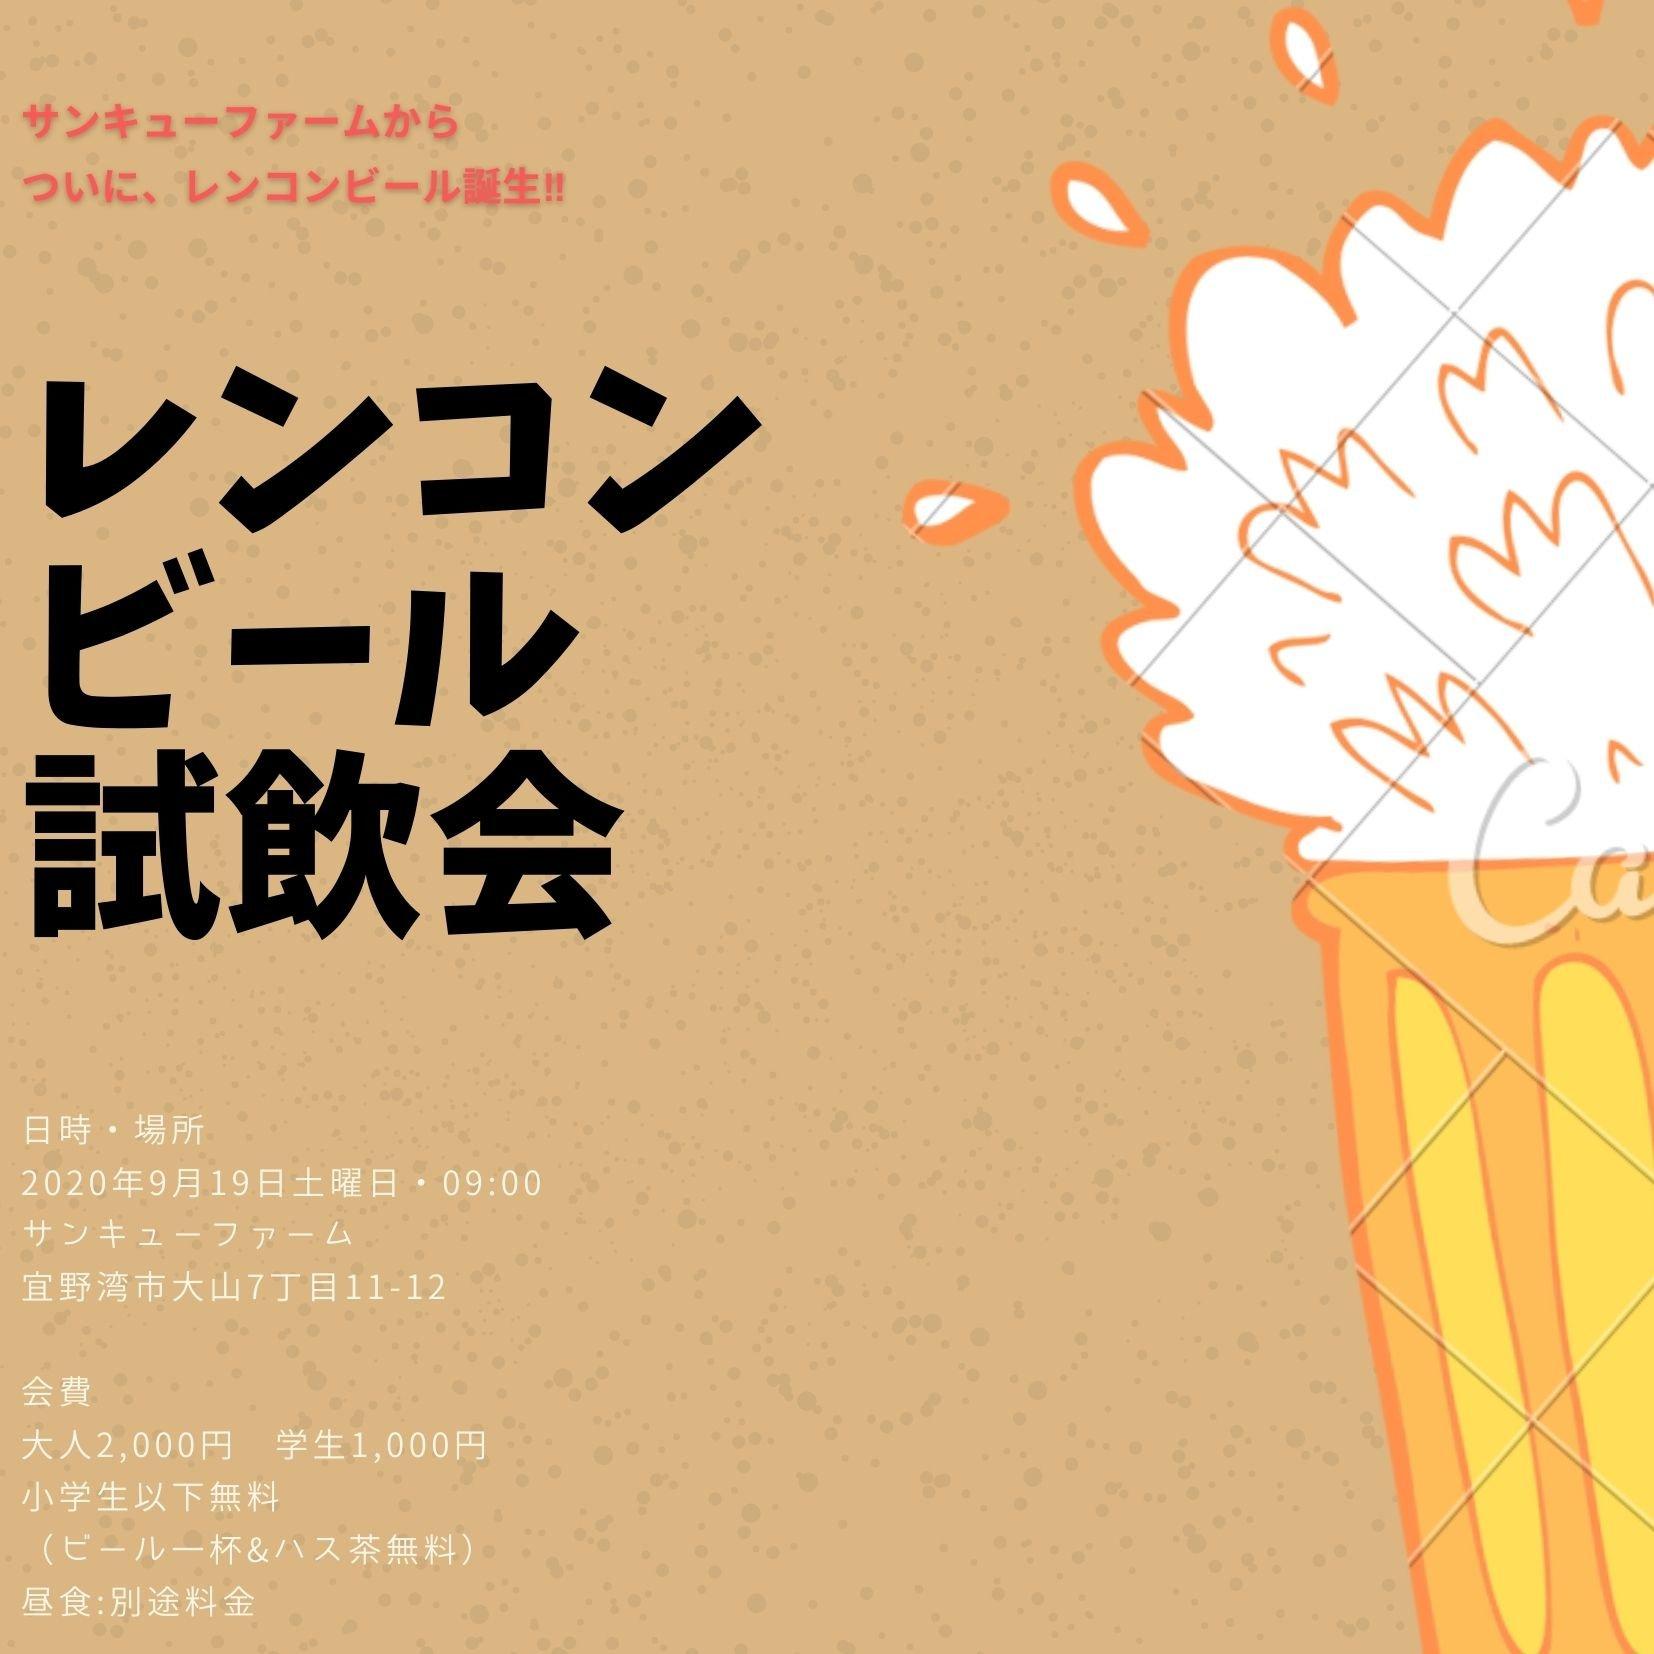 レンコンクラフトビール試飲イベントのイメージその1